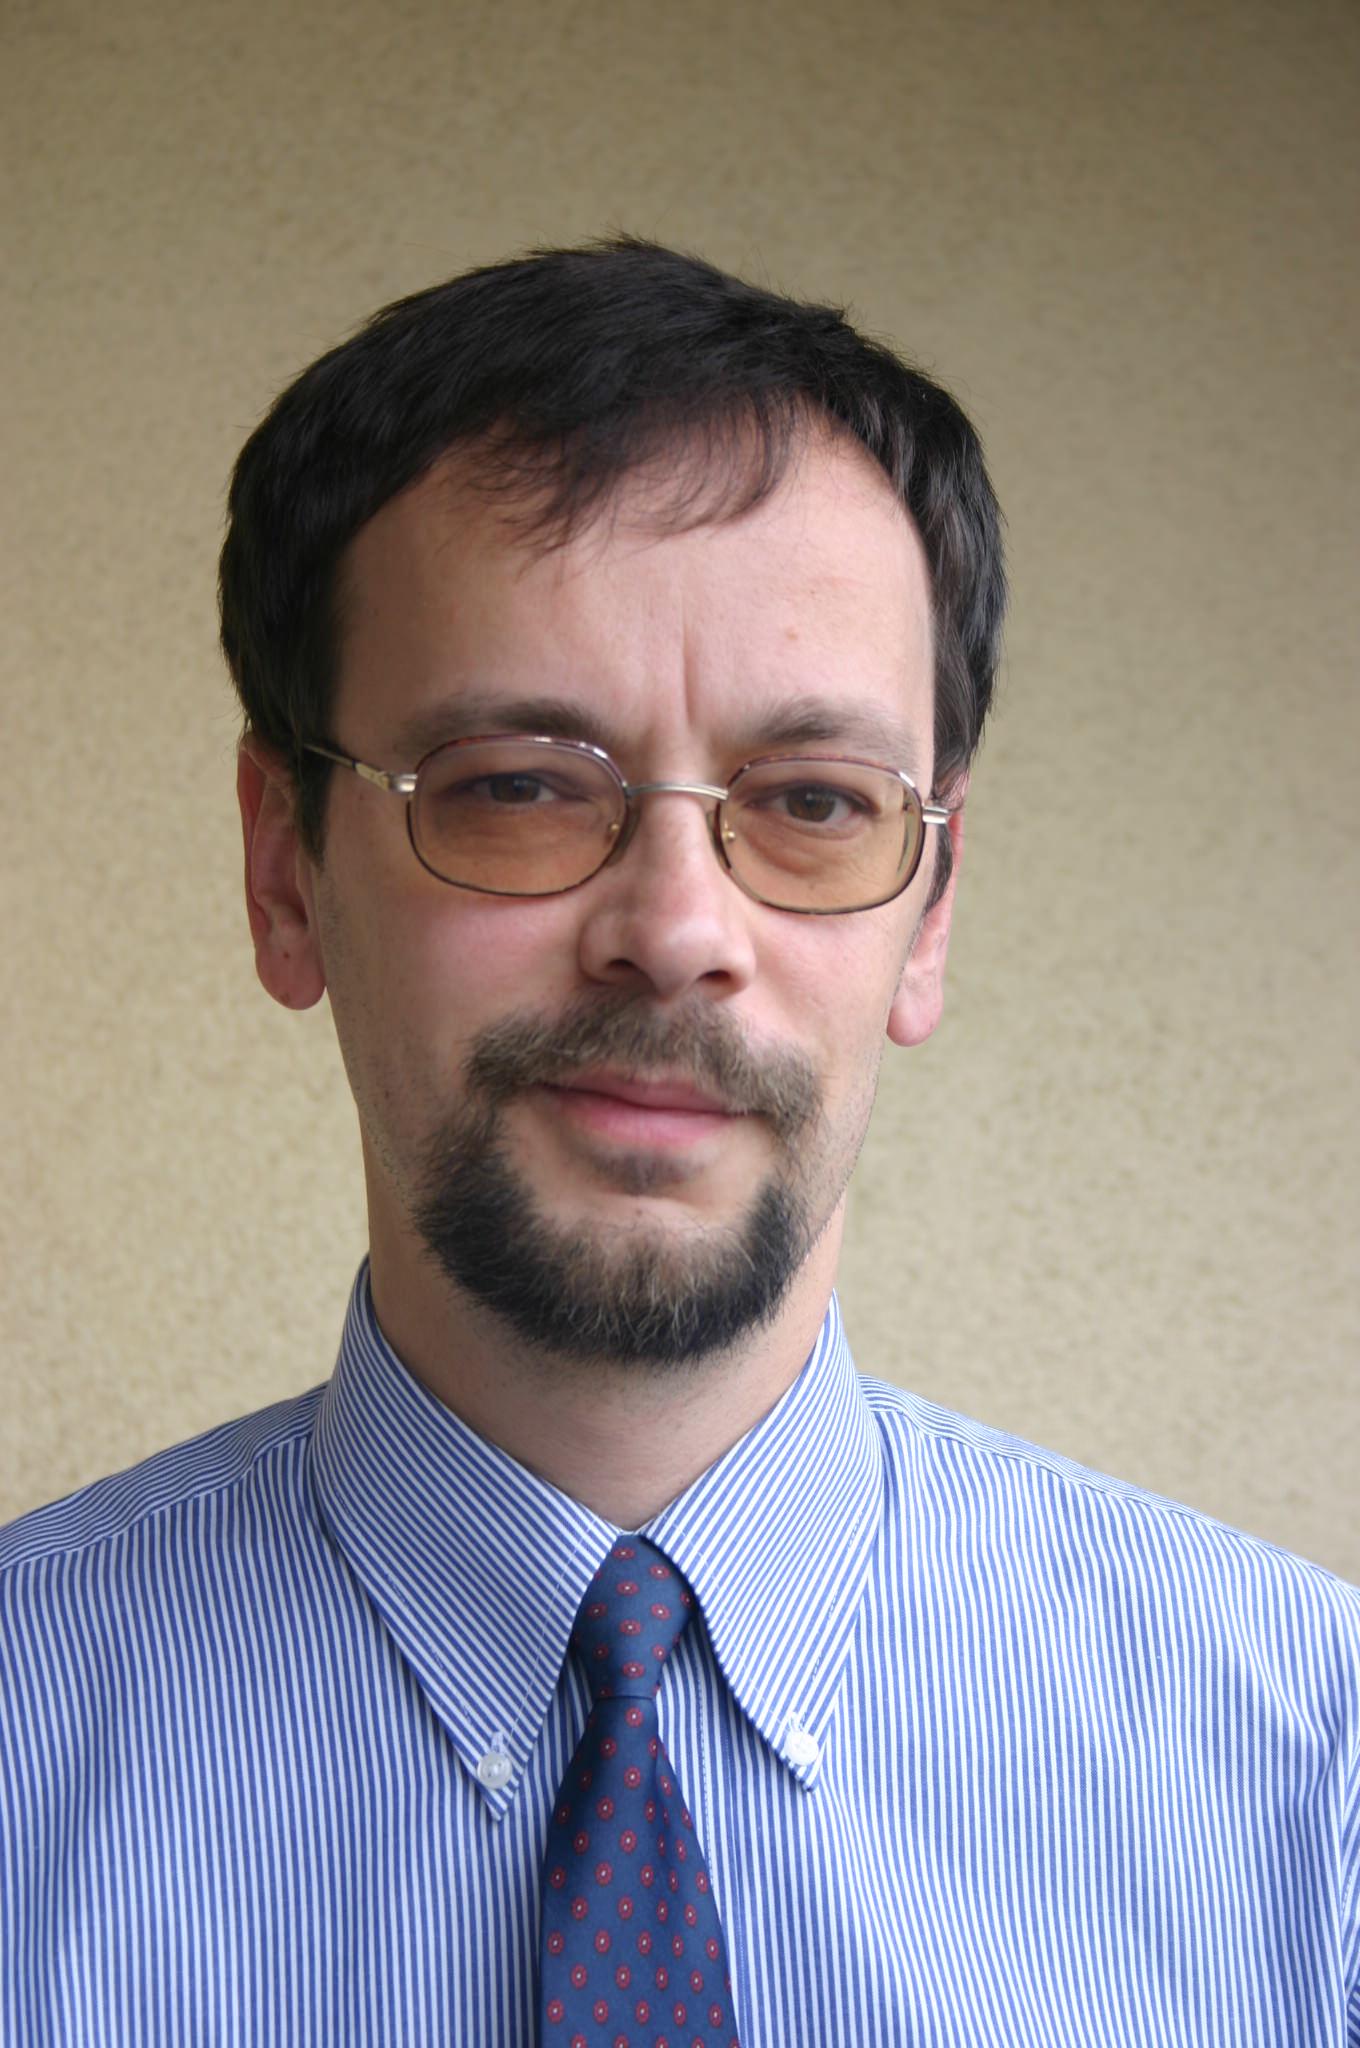 Palotás Árpád Bence